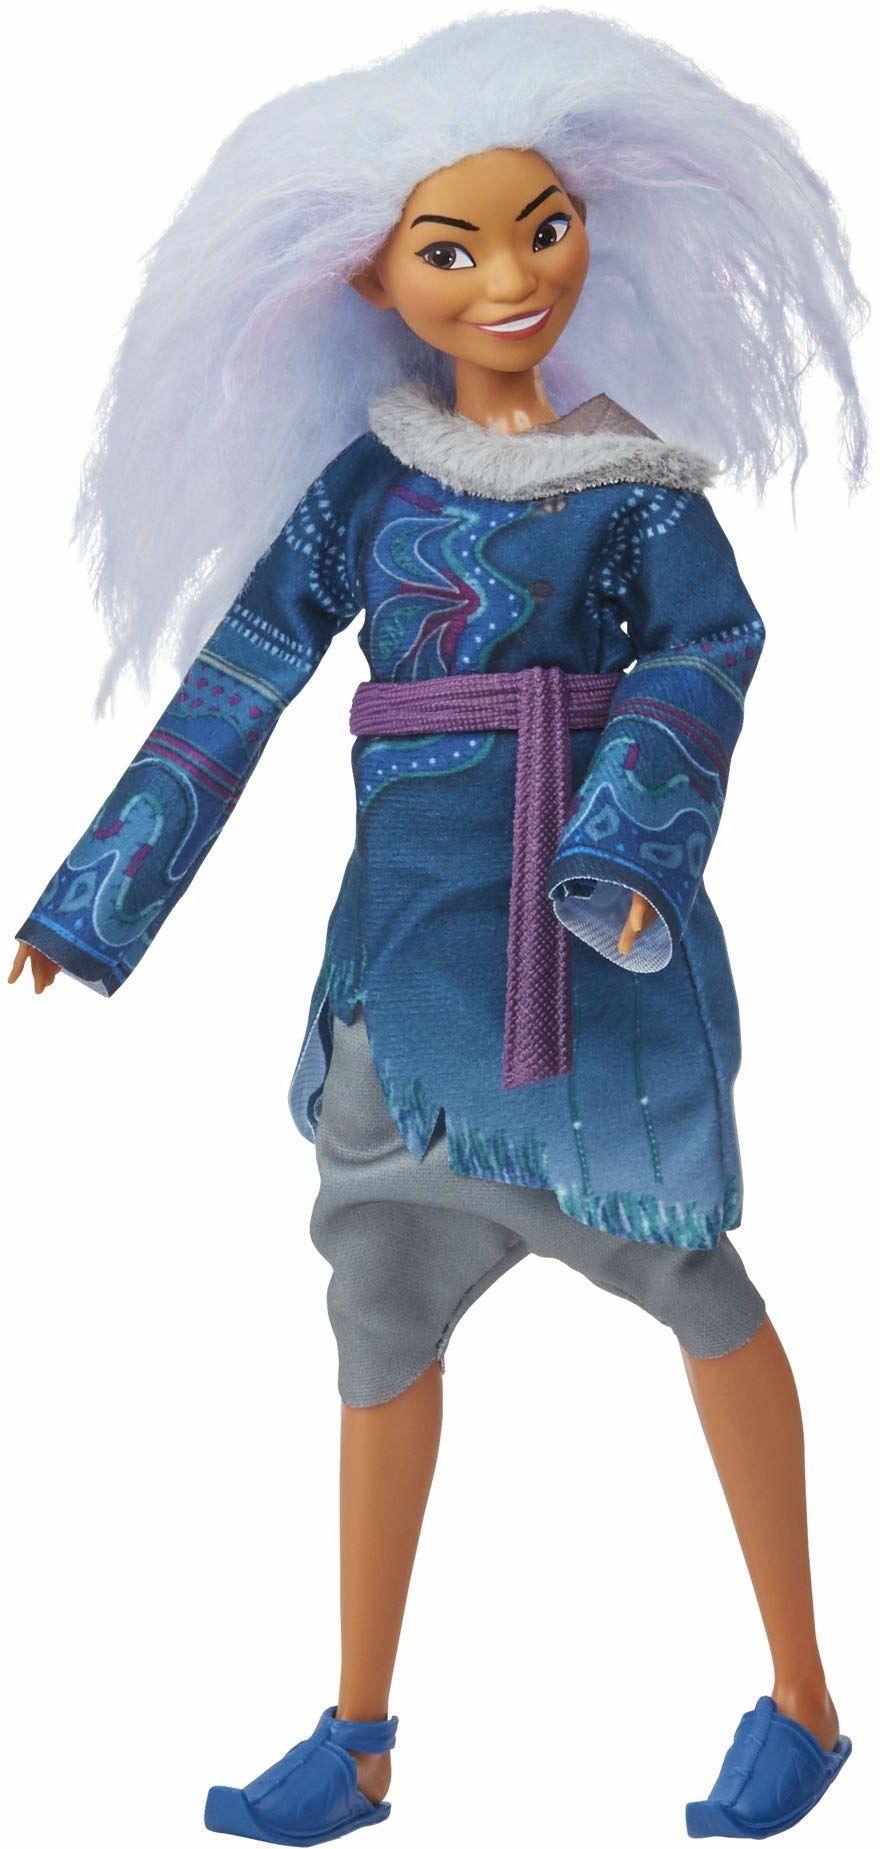 Disney Sisu jako człowiek modna lalka z włosami i ubraniem w kolorze lawendowym do Disneys Raya i ostatniego smoka, zabawka dla dzieci od 3 lat